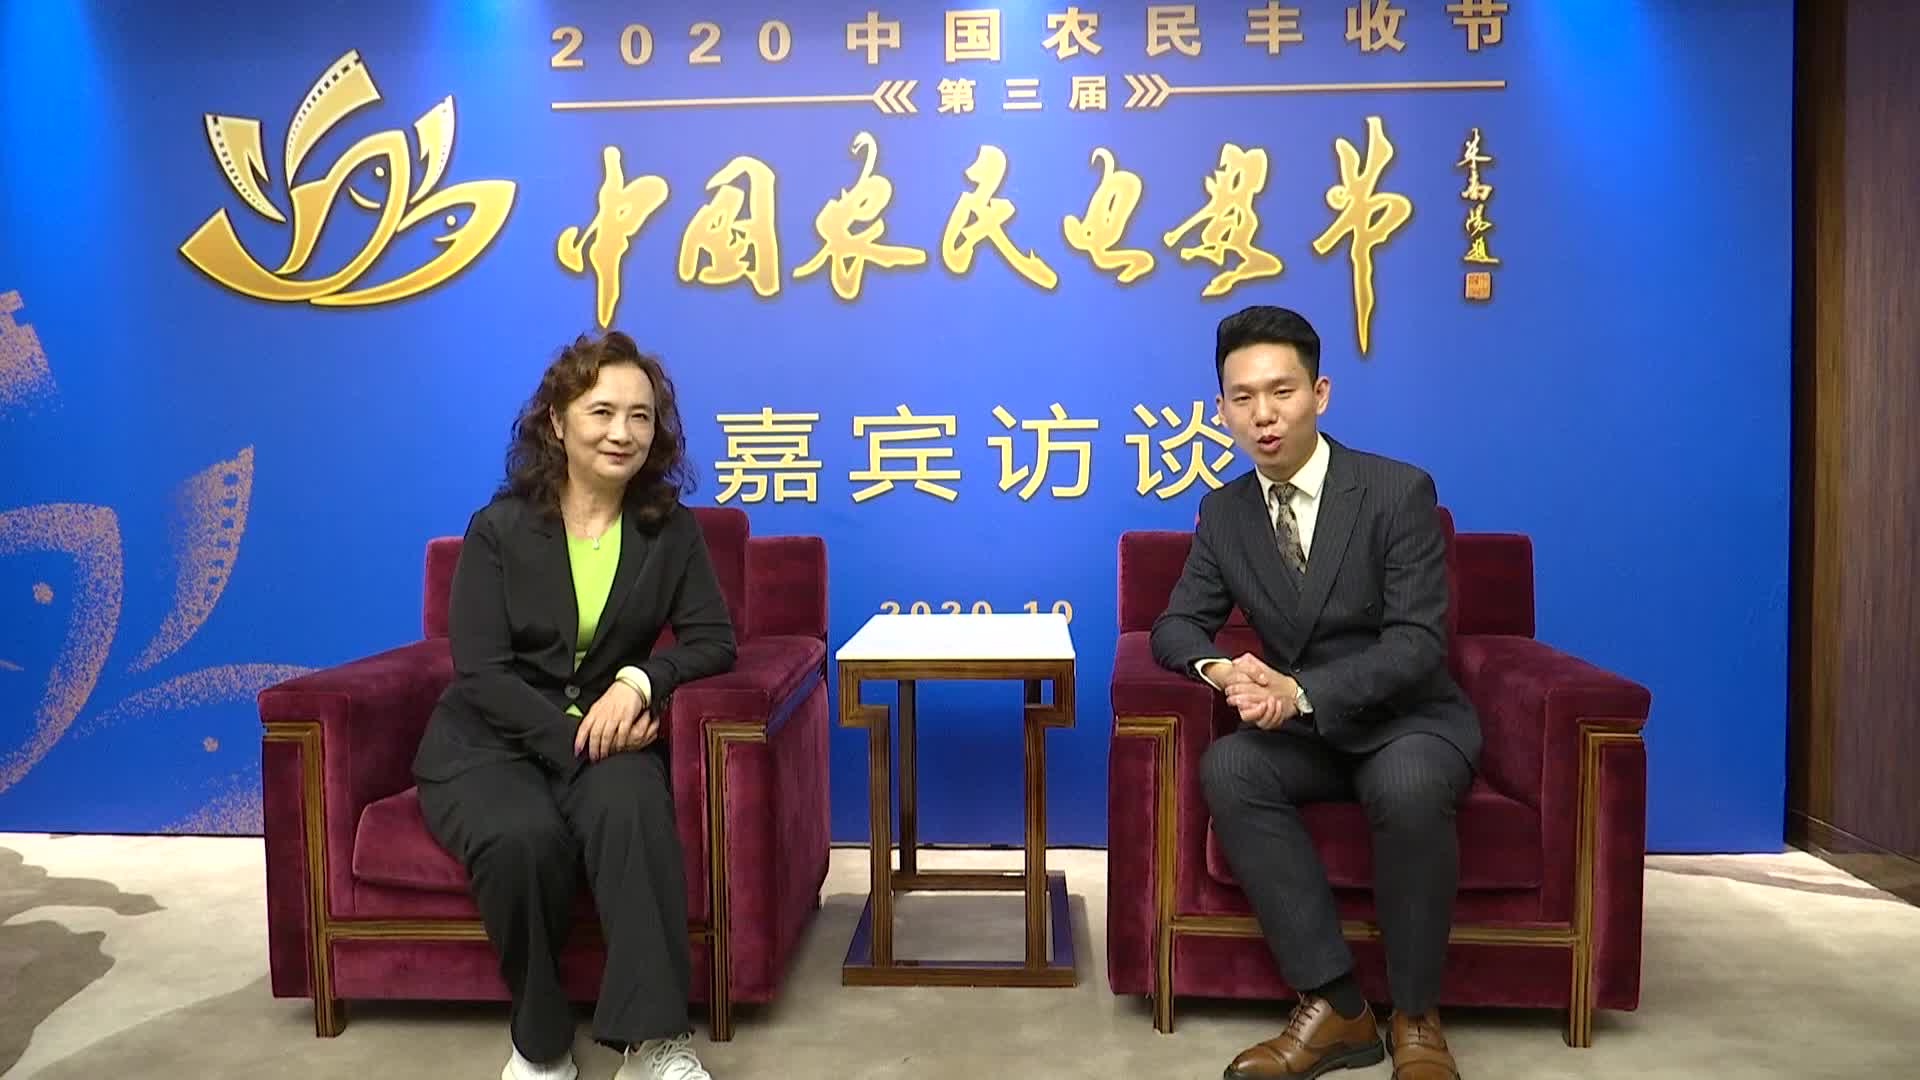 【专访】第三届中国农民电影节嘉宾、中国世界电影学会会长李倩